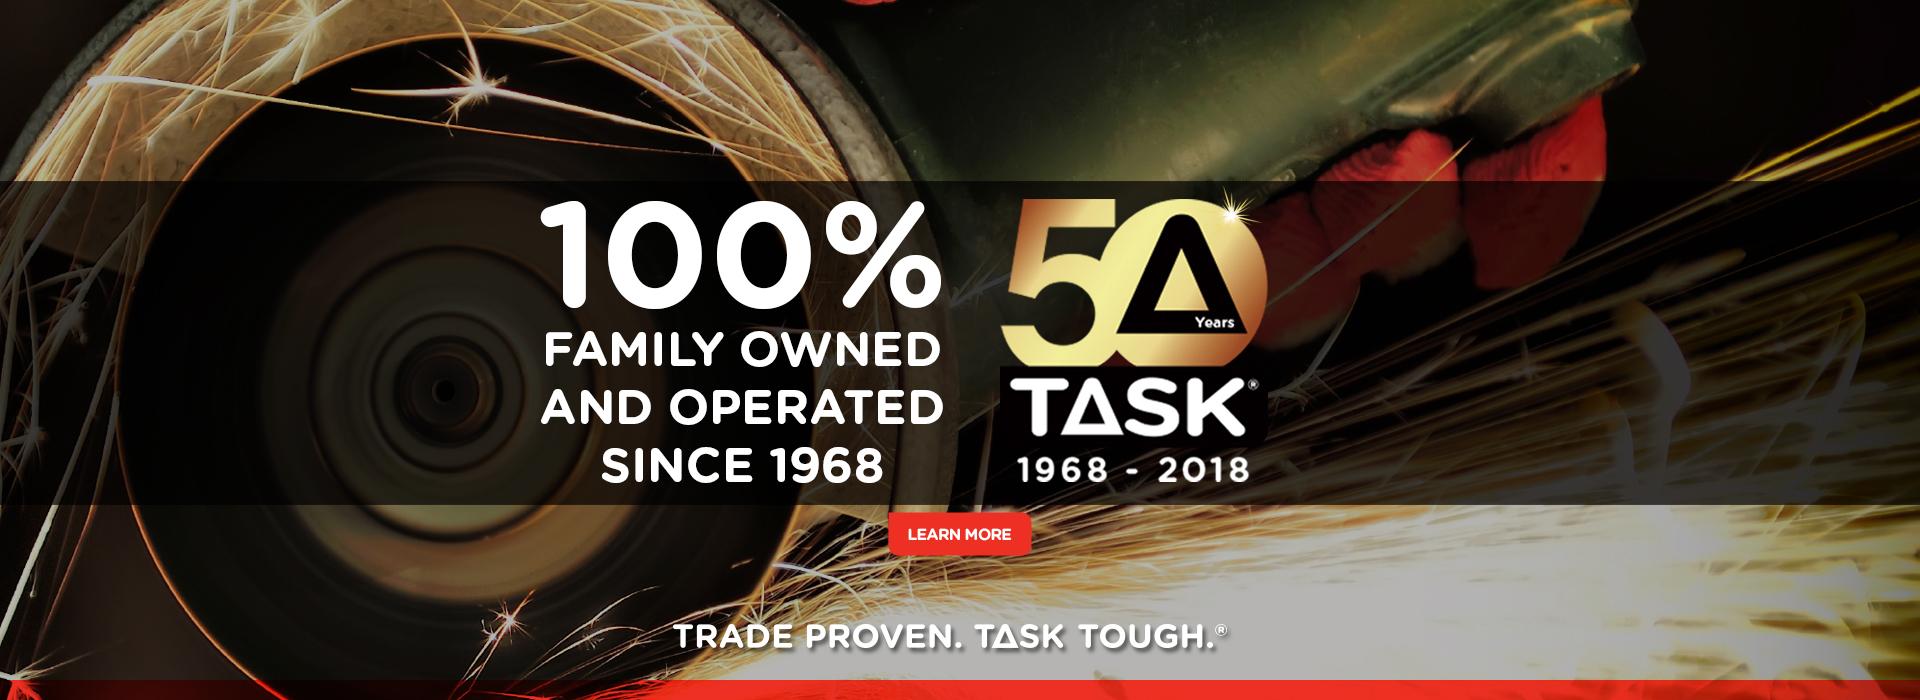 Trade PROVEN TASK TOUGH